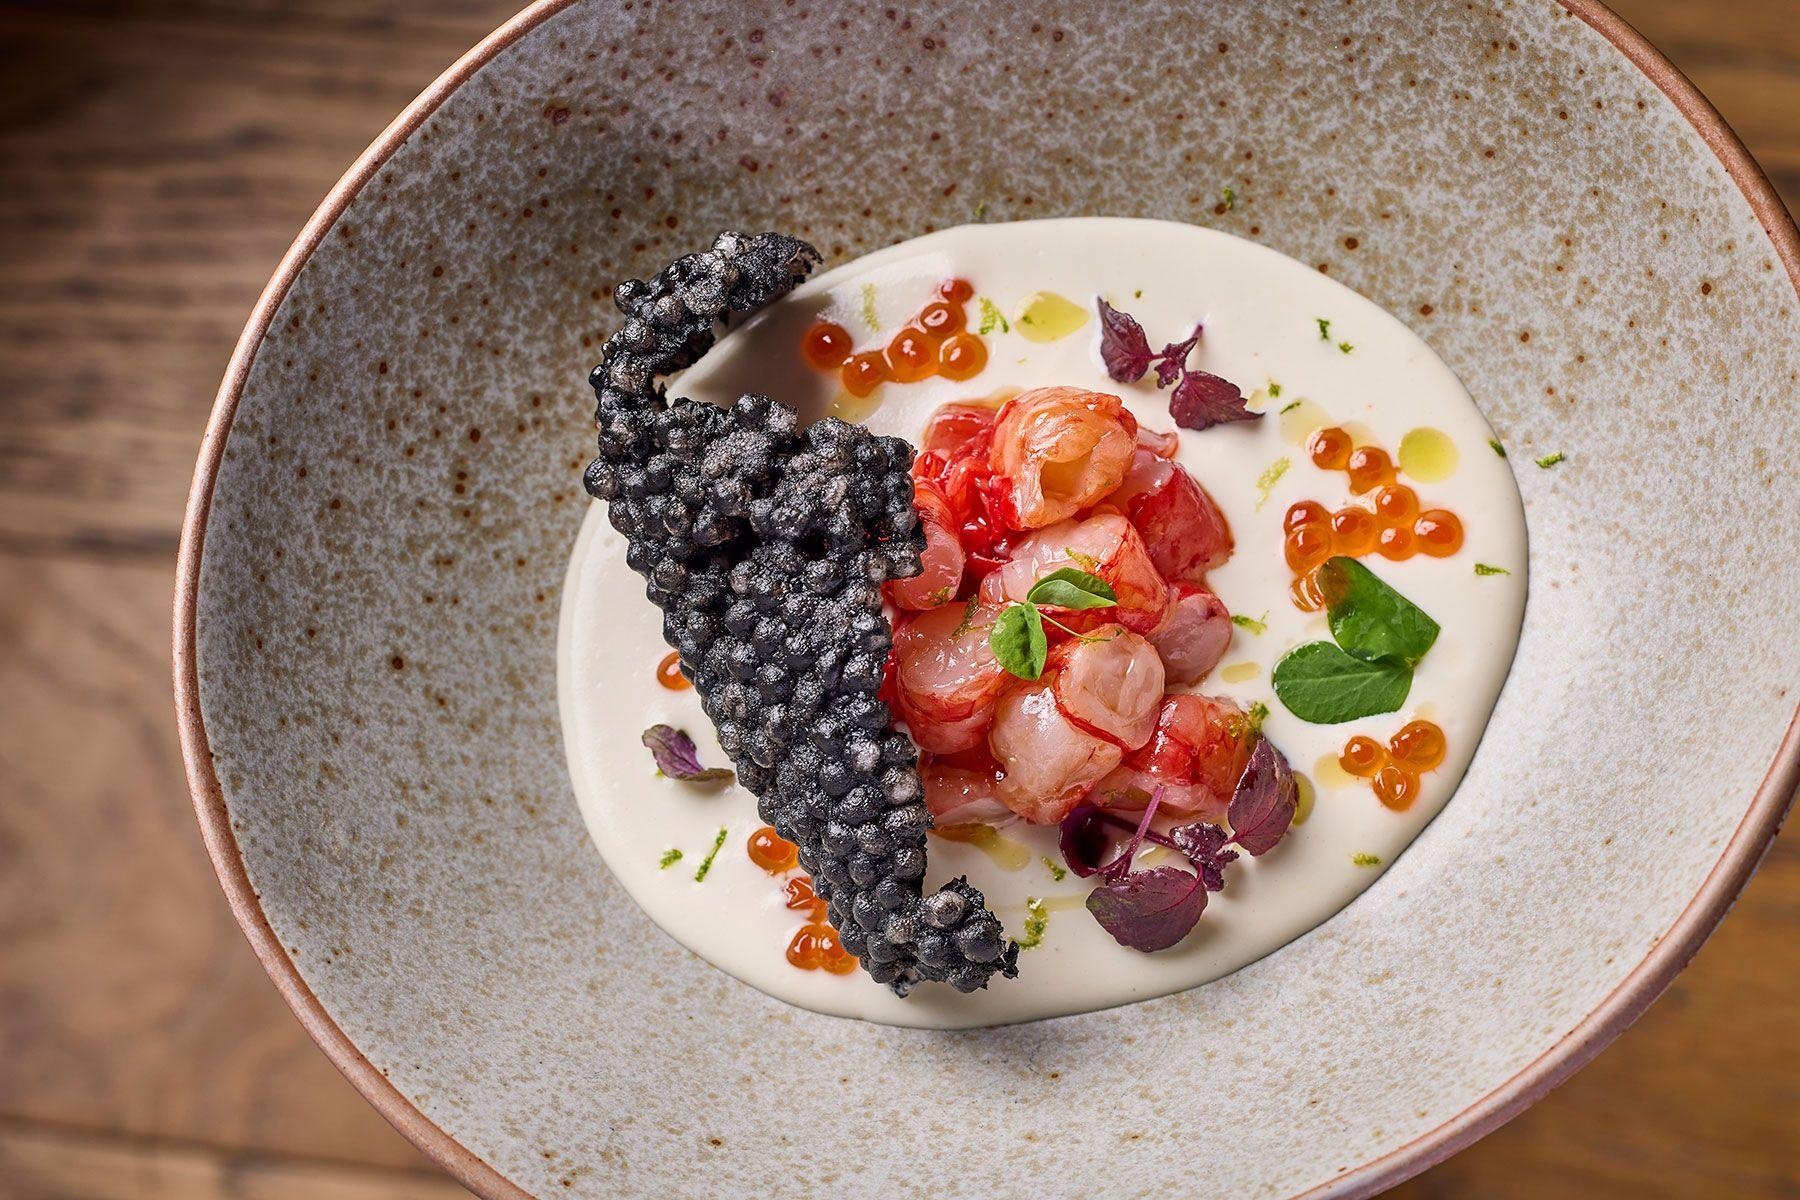 Hong Kong Restaurant News: Spanish Tapas At Hue & Cassio, A Sumptuous Salad Bar At Prohibition, And More